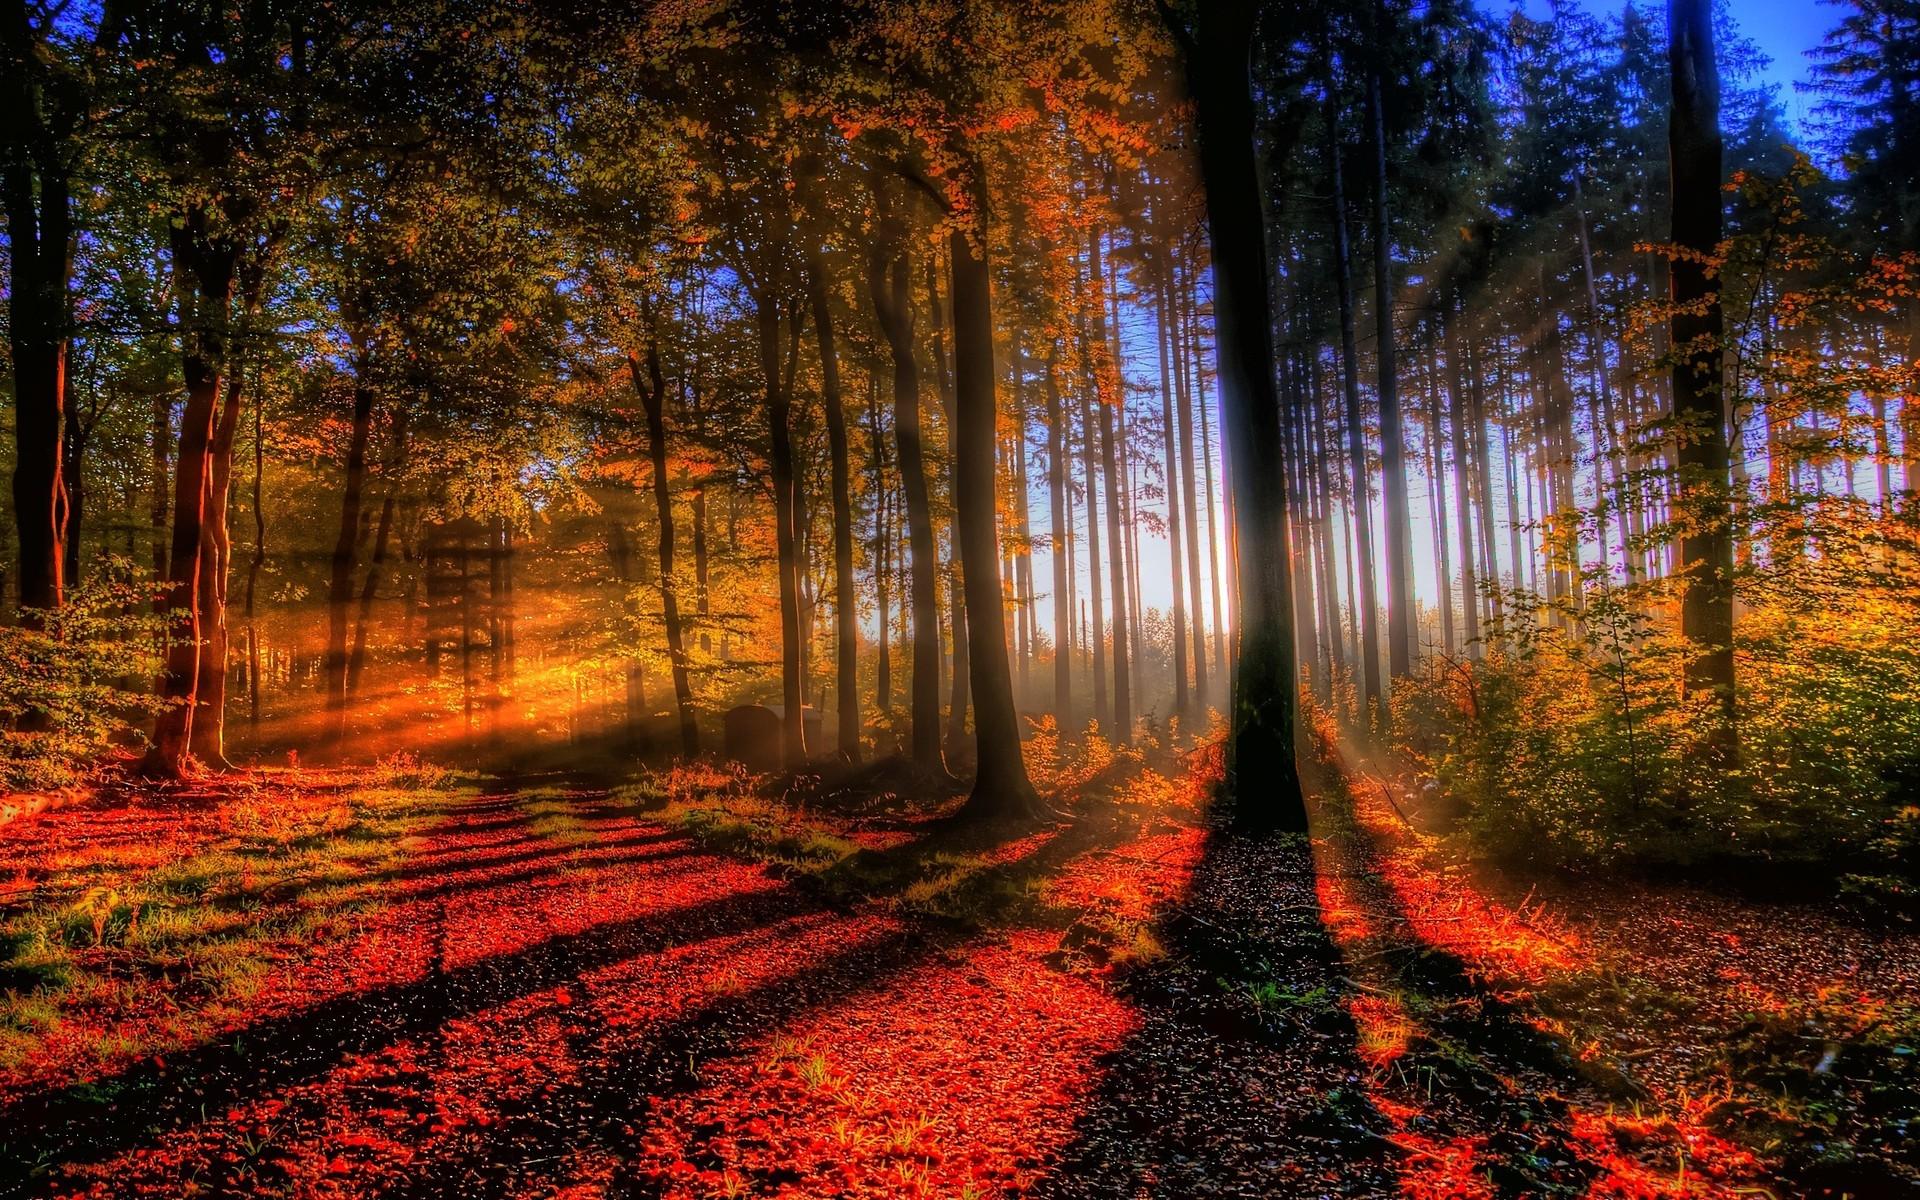 Fond d'ecran Sentier en forêt - Wallpaper